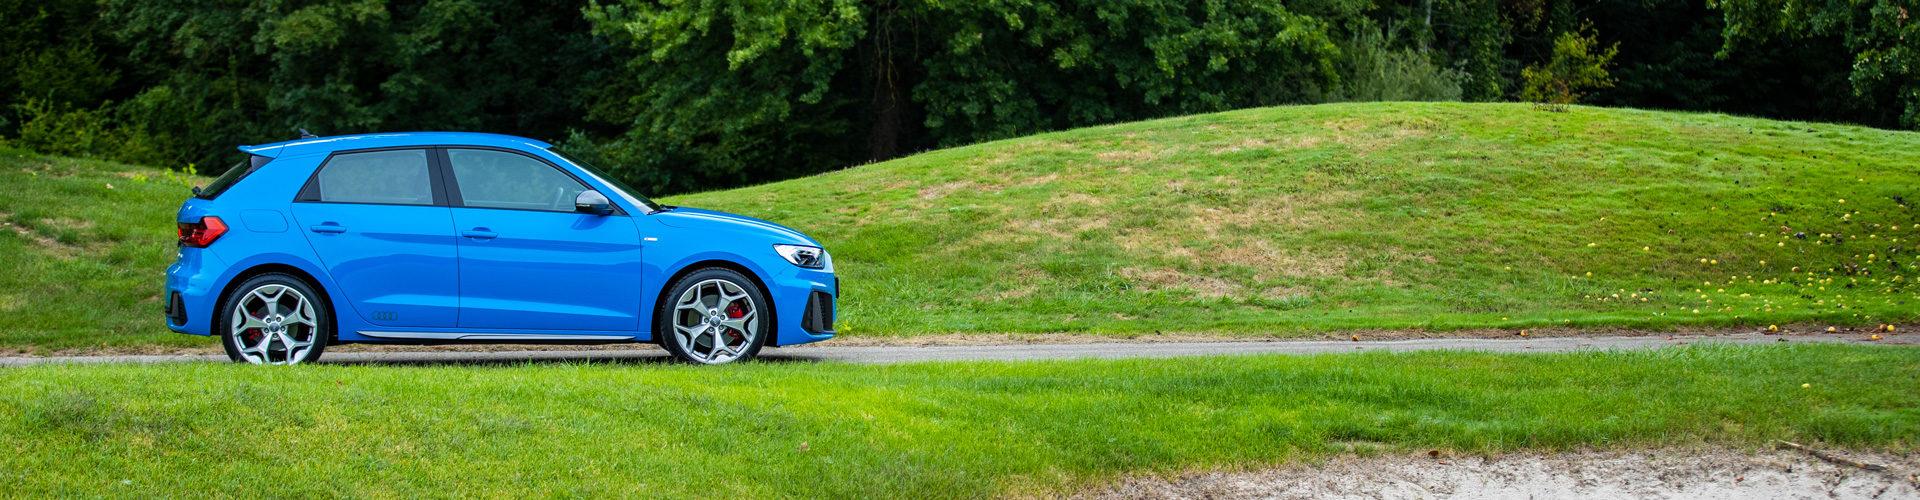 Import auto Allemagne par Gaillard Auto